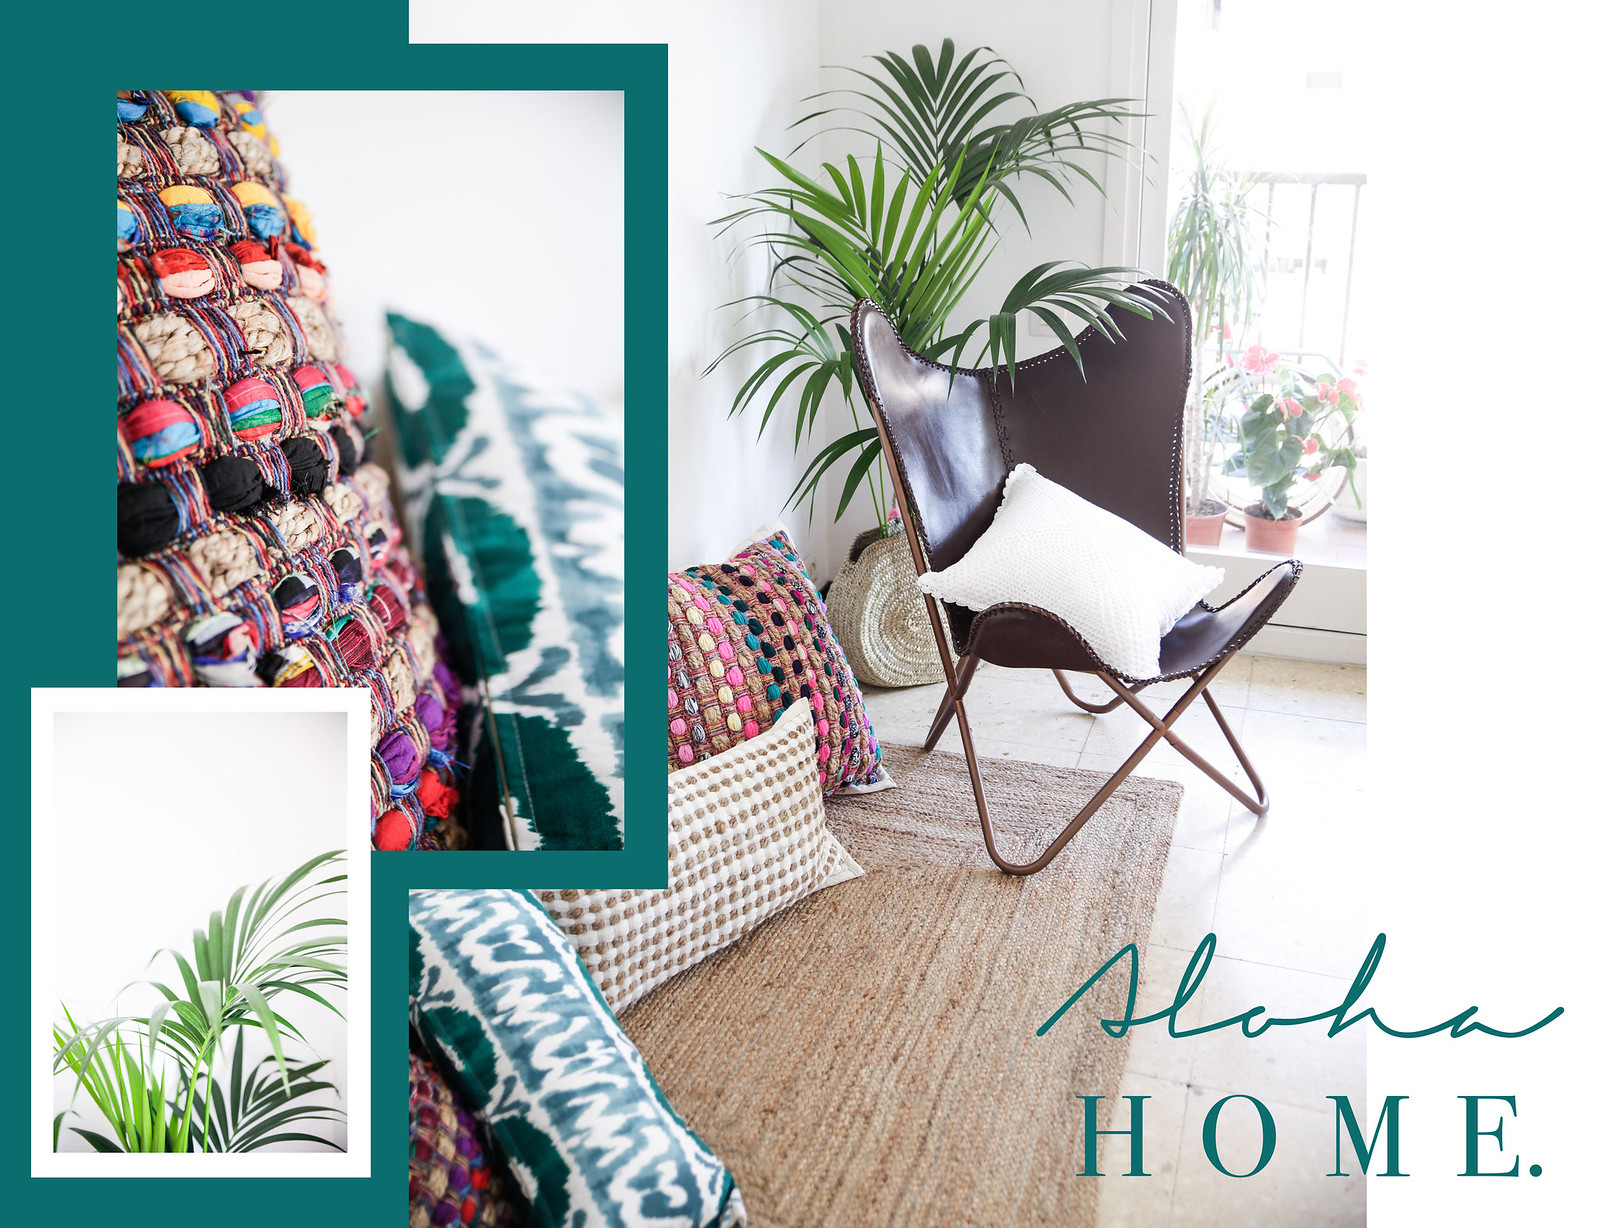 08_calma_house_ideas_decoracion_casa_cojines_bonitos_barcelona_boho_deco_theguestgirl_house_aloha_style_palmeras_casa_interior